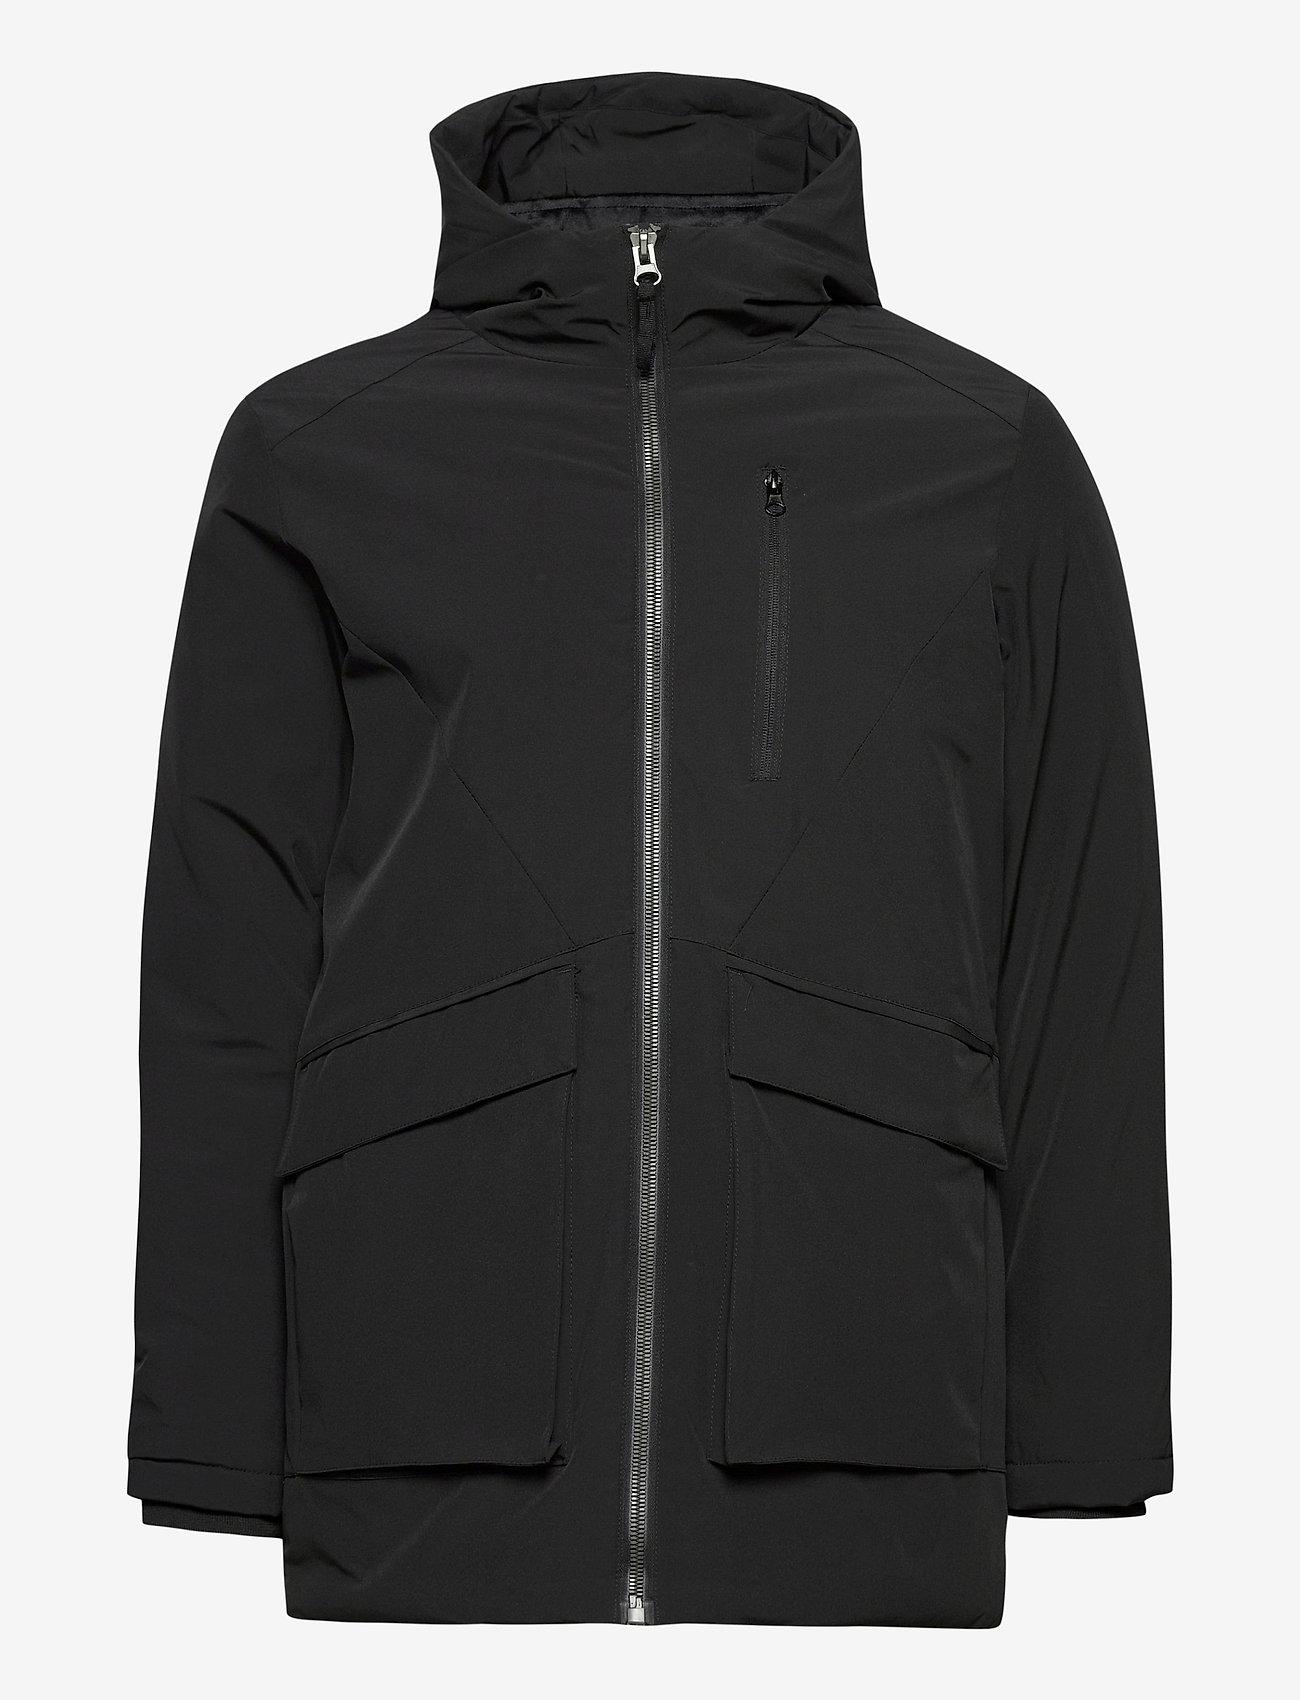 Blend - Outerwear - parkas - black - 1